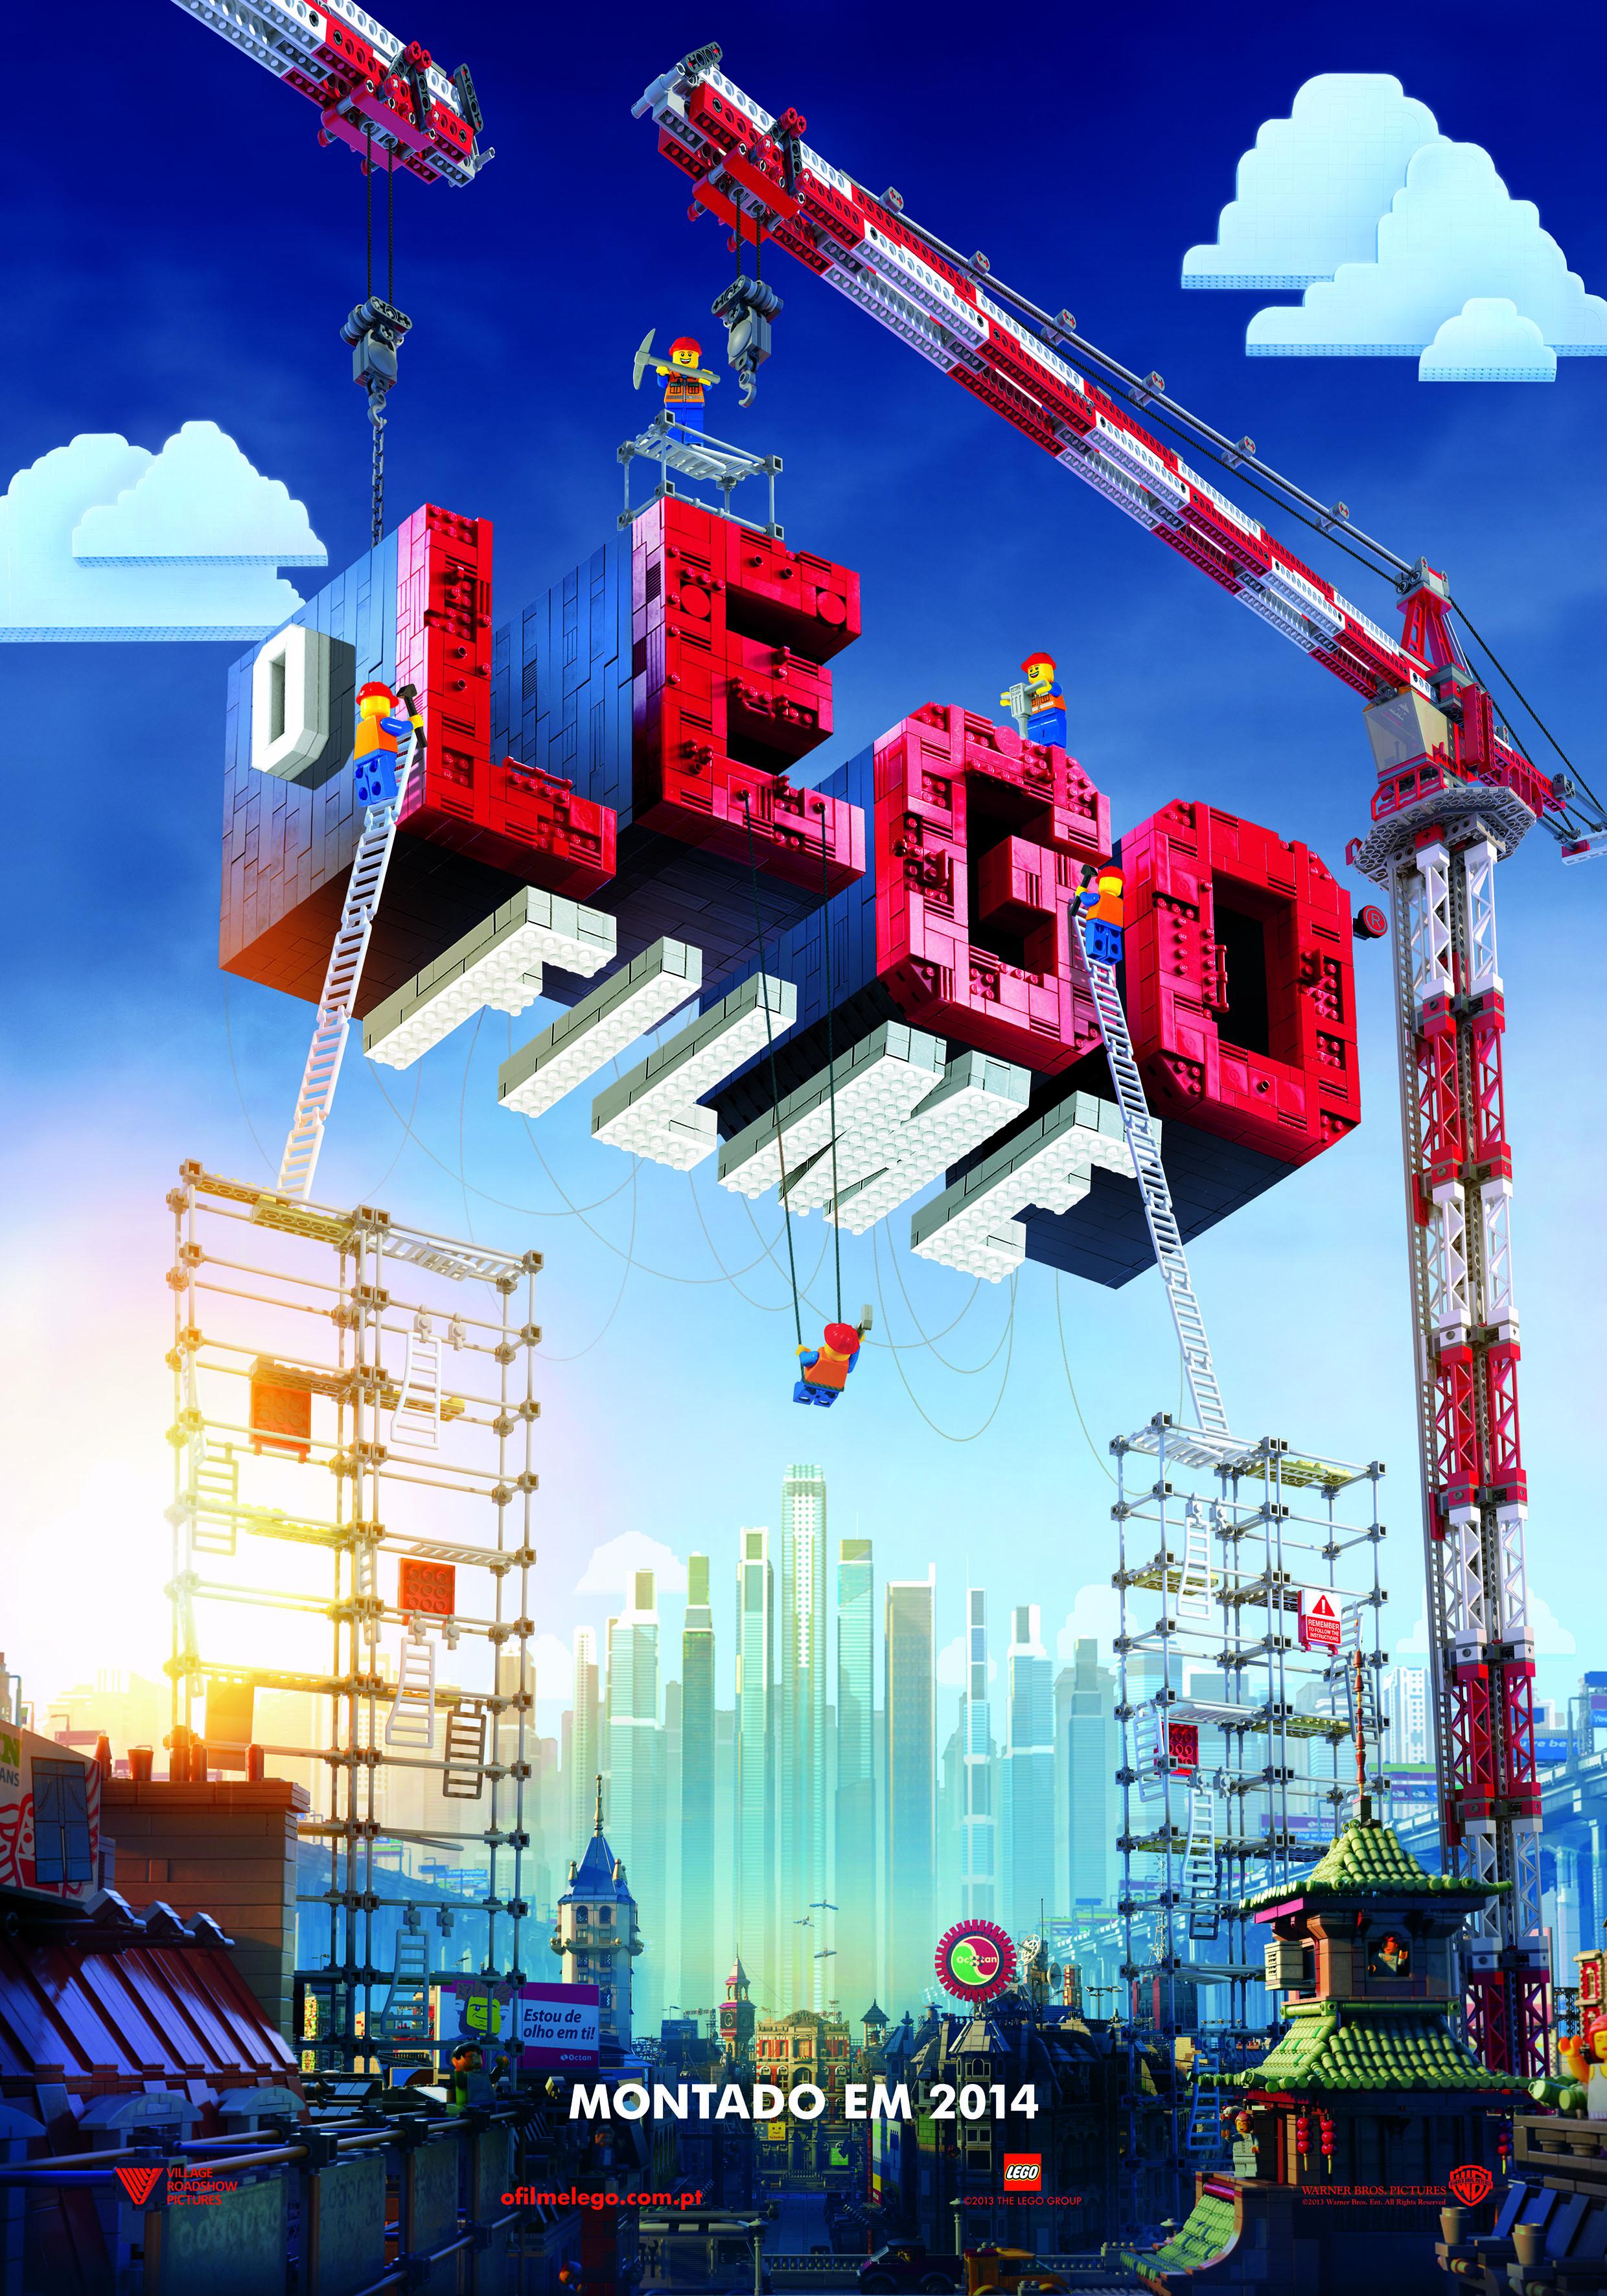 Cinema: O FILME LEGO – Trailer dobrado em Português